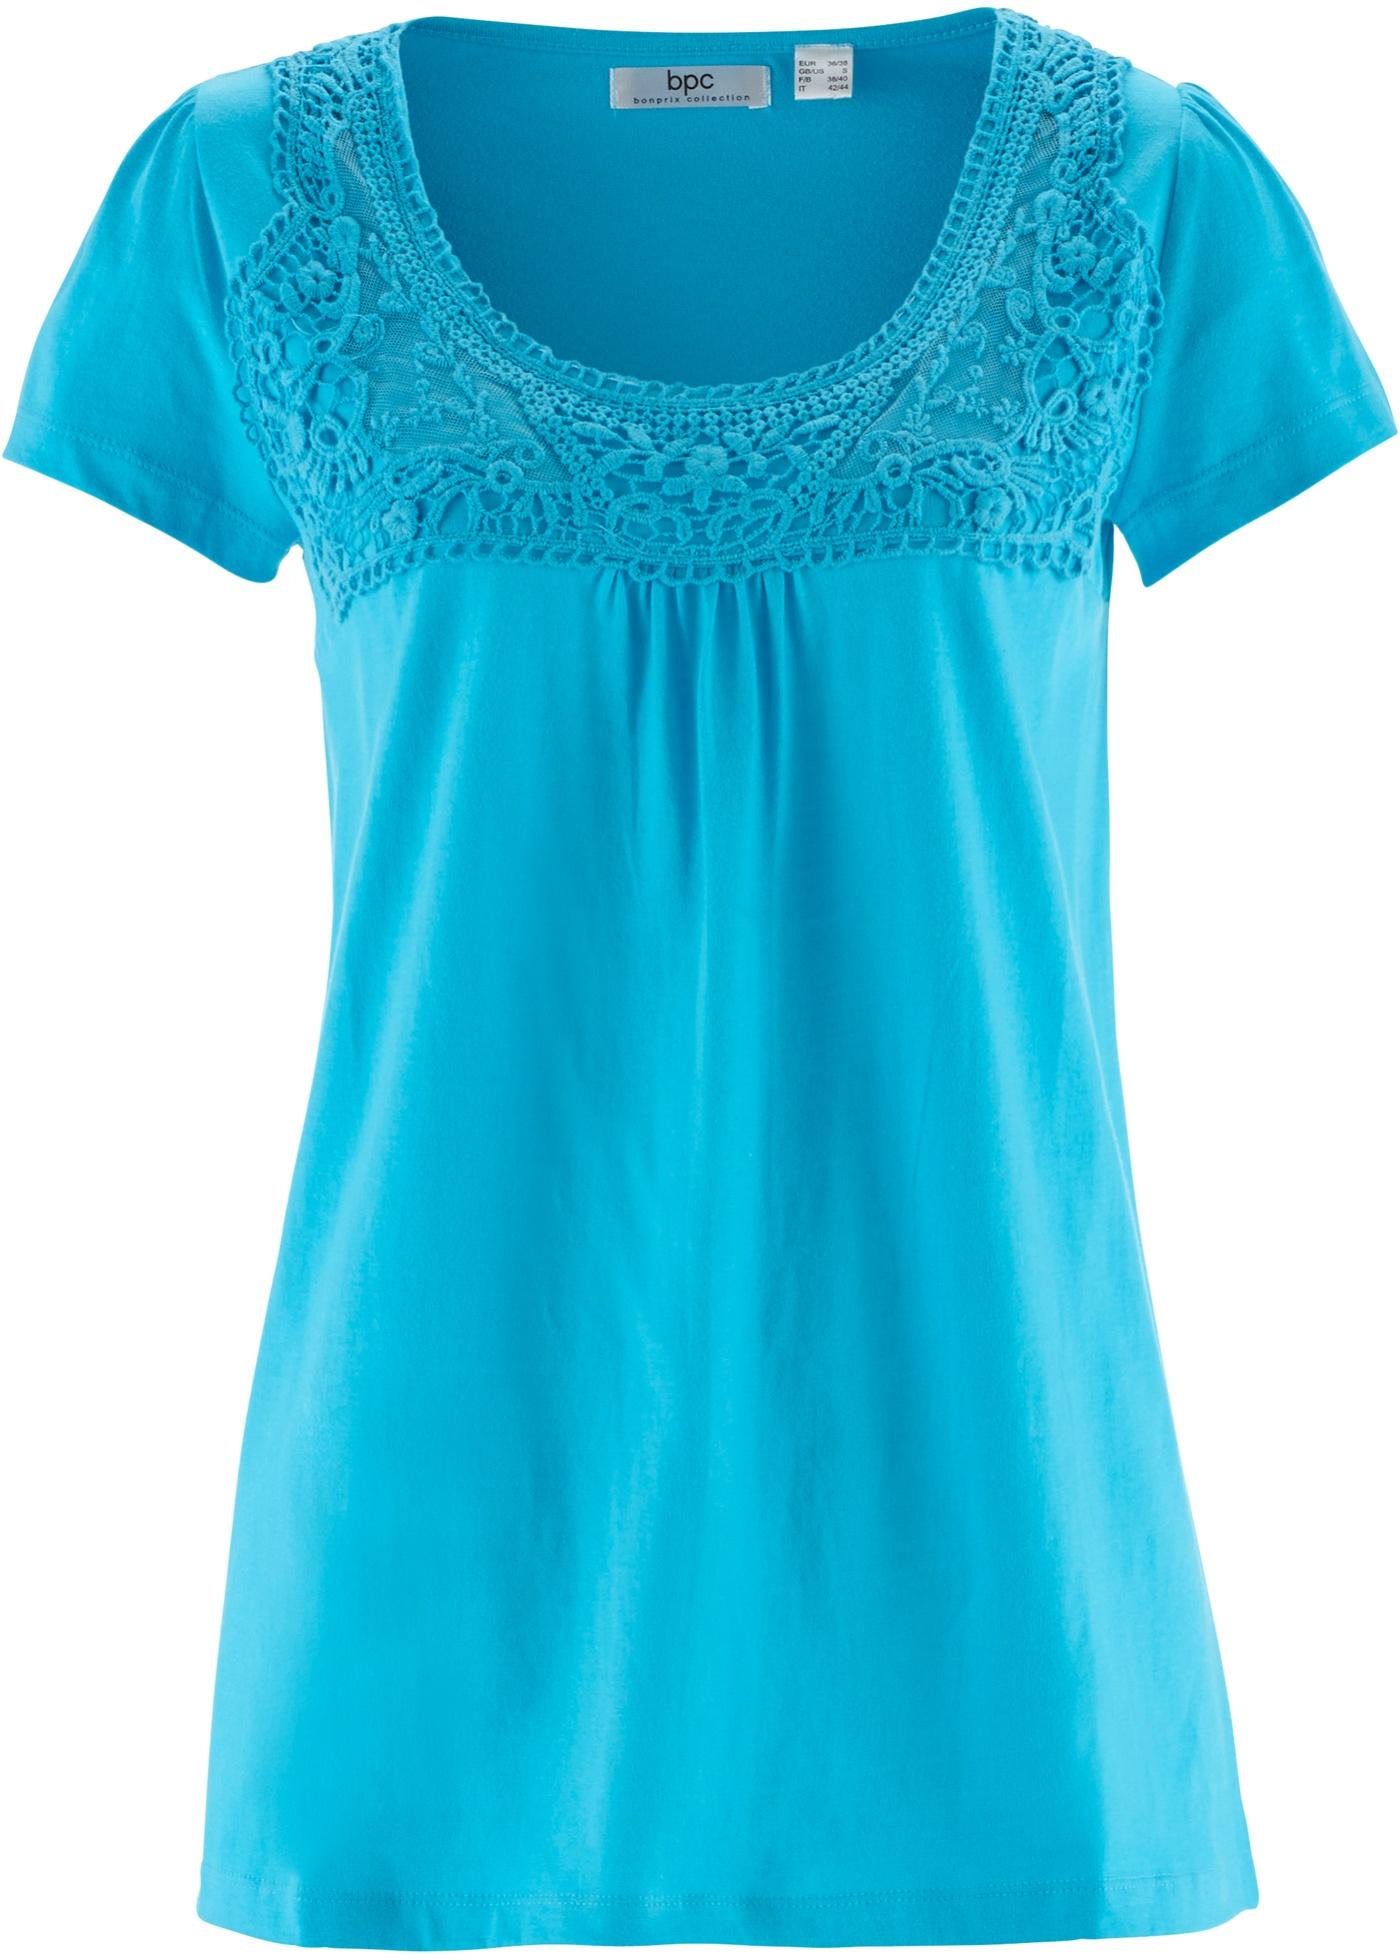 shirt DentelleManches Courtes CollectionT Bleu Pour Bonprix Bpc Femme Coton À nw0k8OP